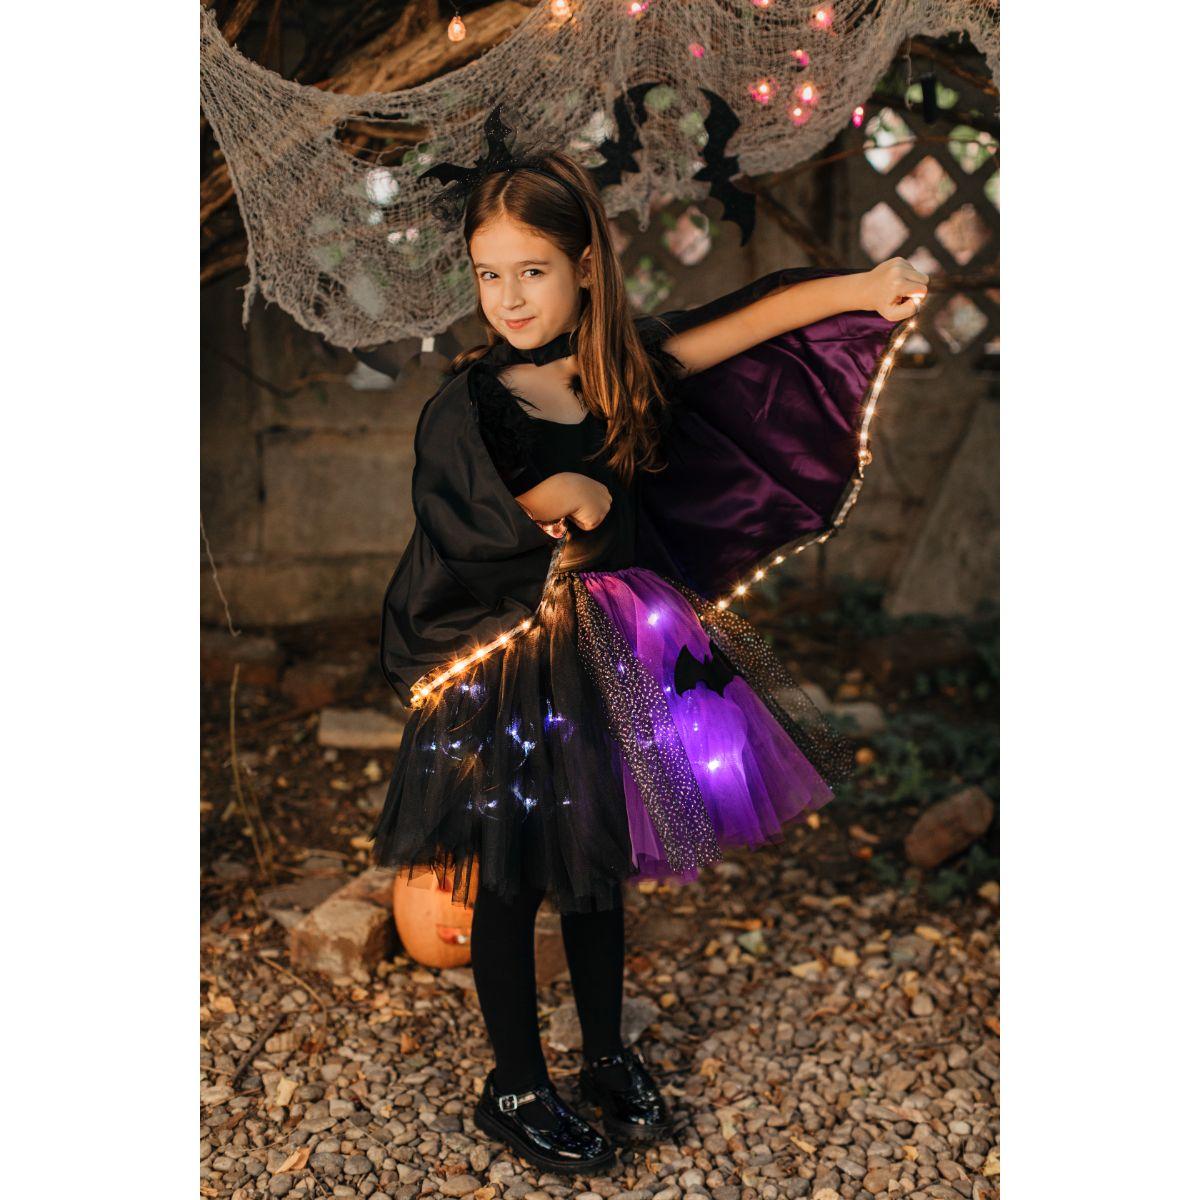 Costum de Halloween, Fustite cu Luminite, cu bratara handmade